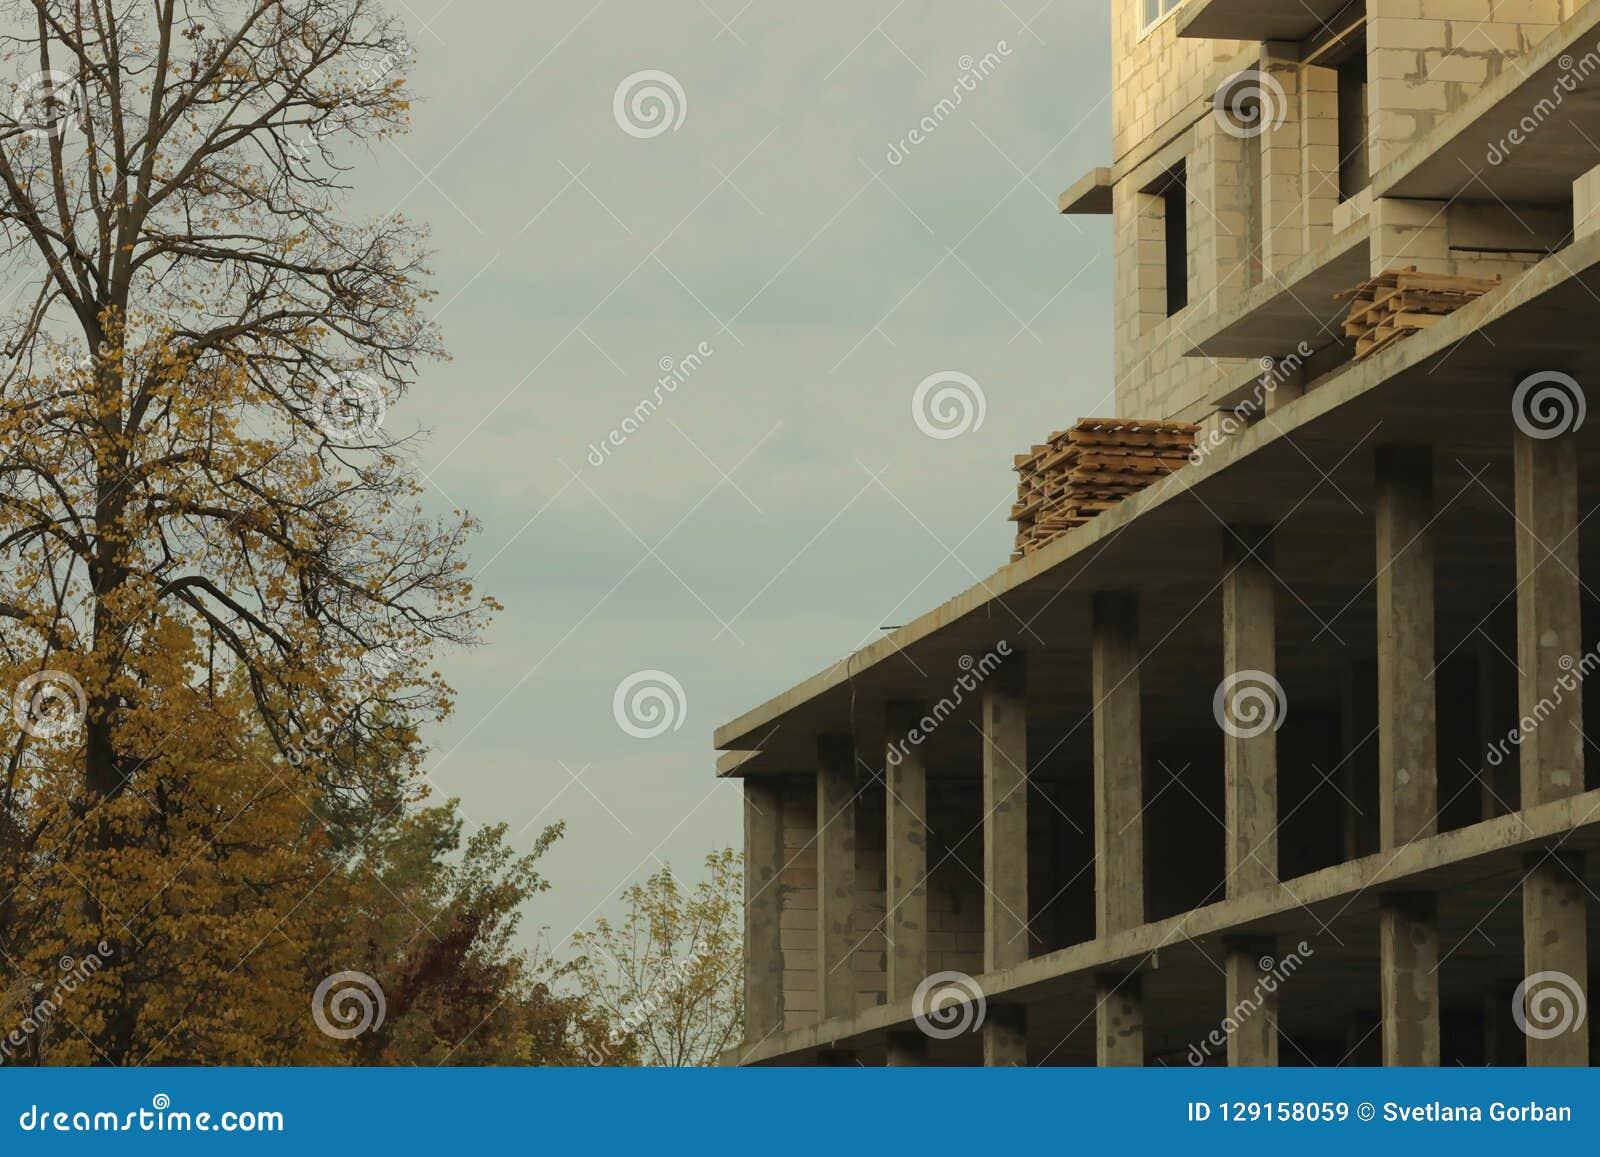 未完成的高层建筑物,起重机,建筑学